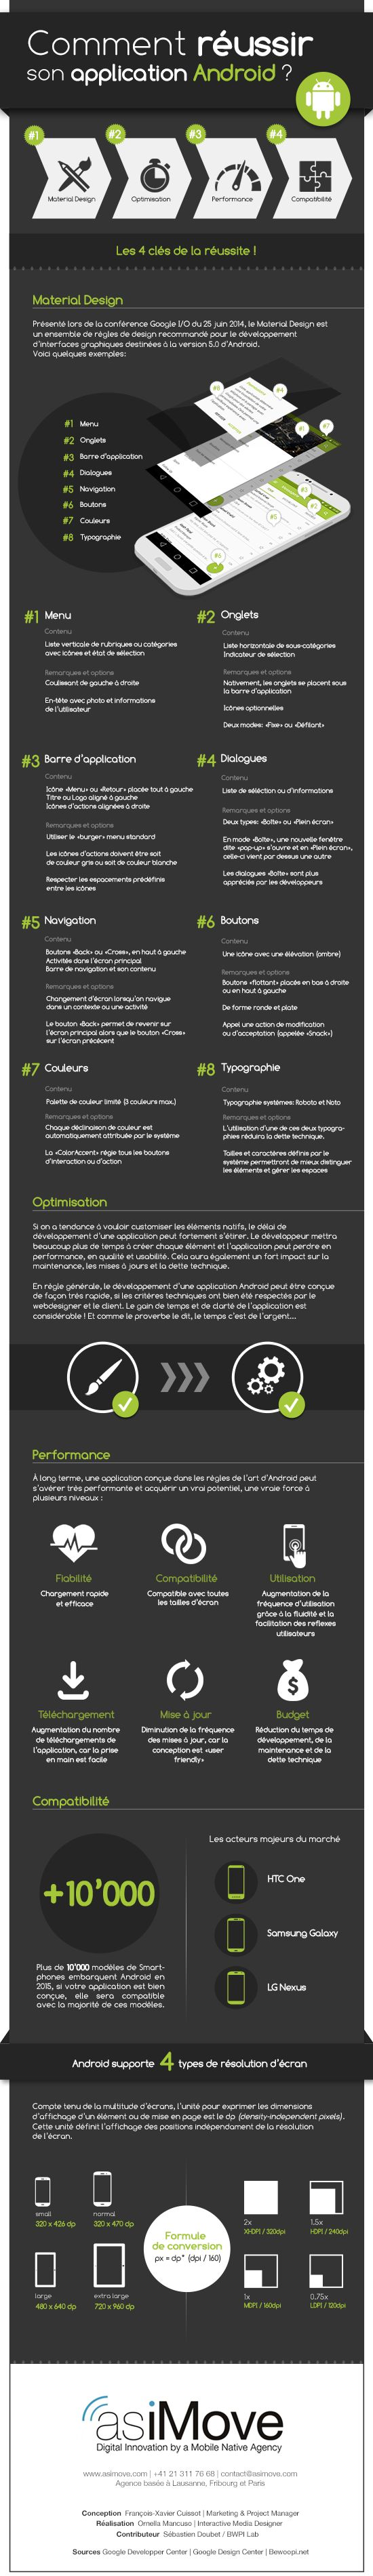 www.asimove.com | Comment réussir la conception de application mobile Android en 2015 ? Ou pourquoi adopter le Material Design sur Android ? Présenté lors de la conférence Google I/O du 25 juin 2014, le Material Design est un ensemble de règles de design recommandés pour le développement d'interfaces graphiques destinées à la version Android 5.0 Lollipop sortie en version publique en novembre 2014. D'une manière générale, les utilisateurs Android sont moins réactifs aux mises à jou